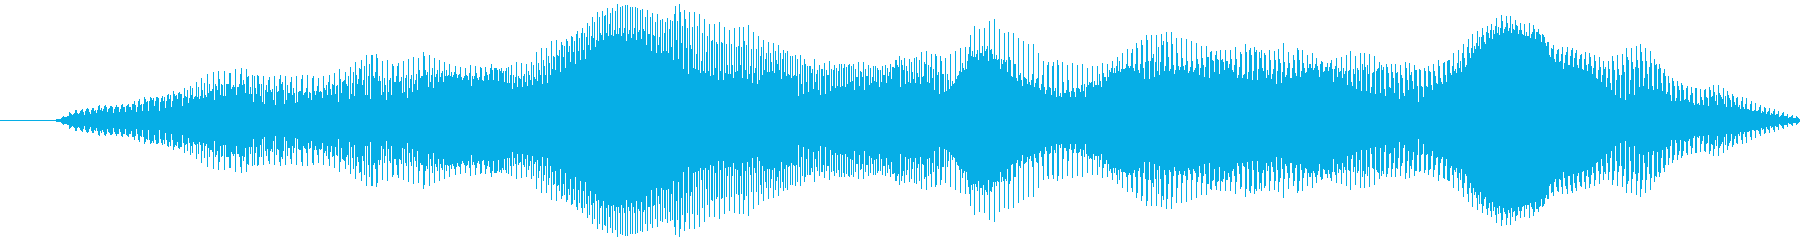 グラビティチューブ(上昇、長め)ミョーンの再生済みの波形